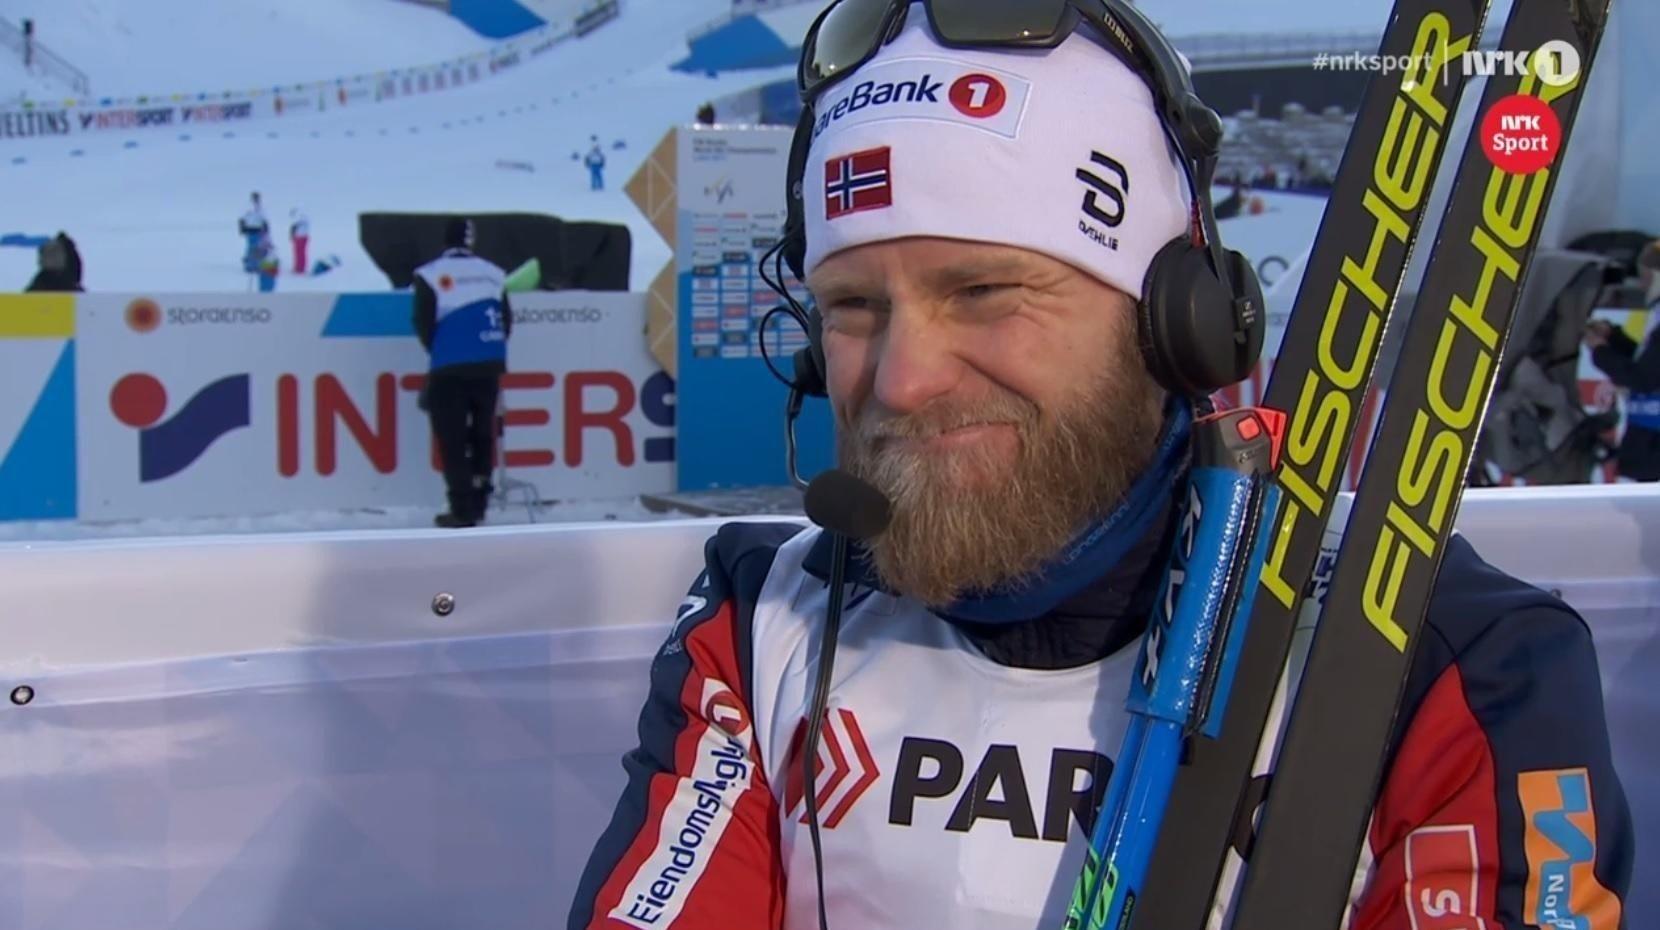 Martin Johnsrud Sundby Lahti Sundby Brakk Staven Og Falt Fra Vm Gullet